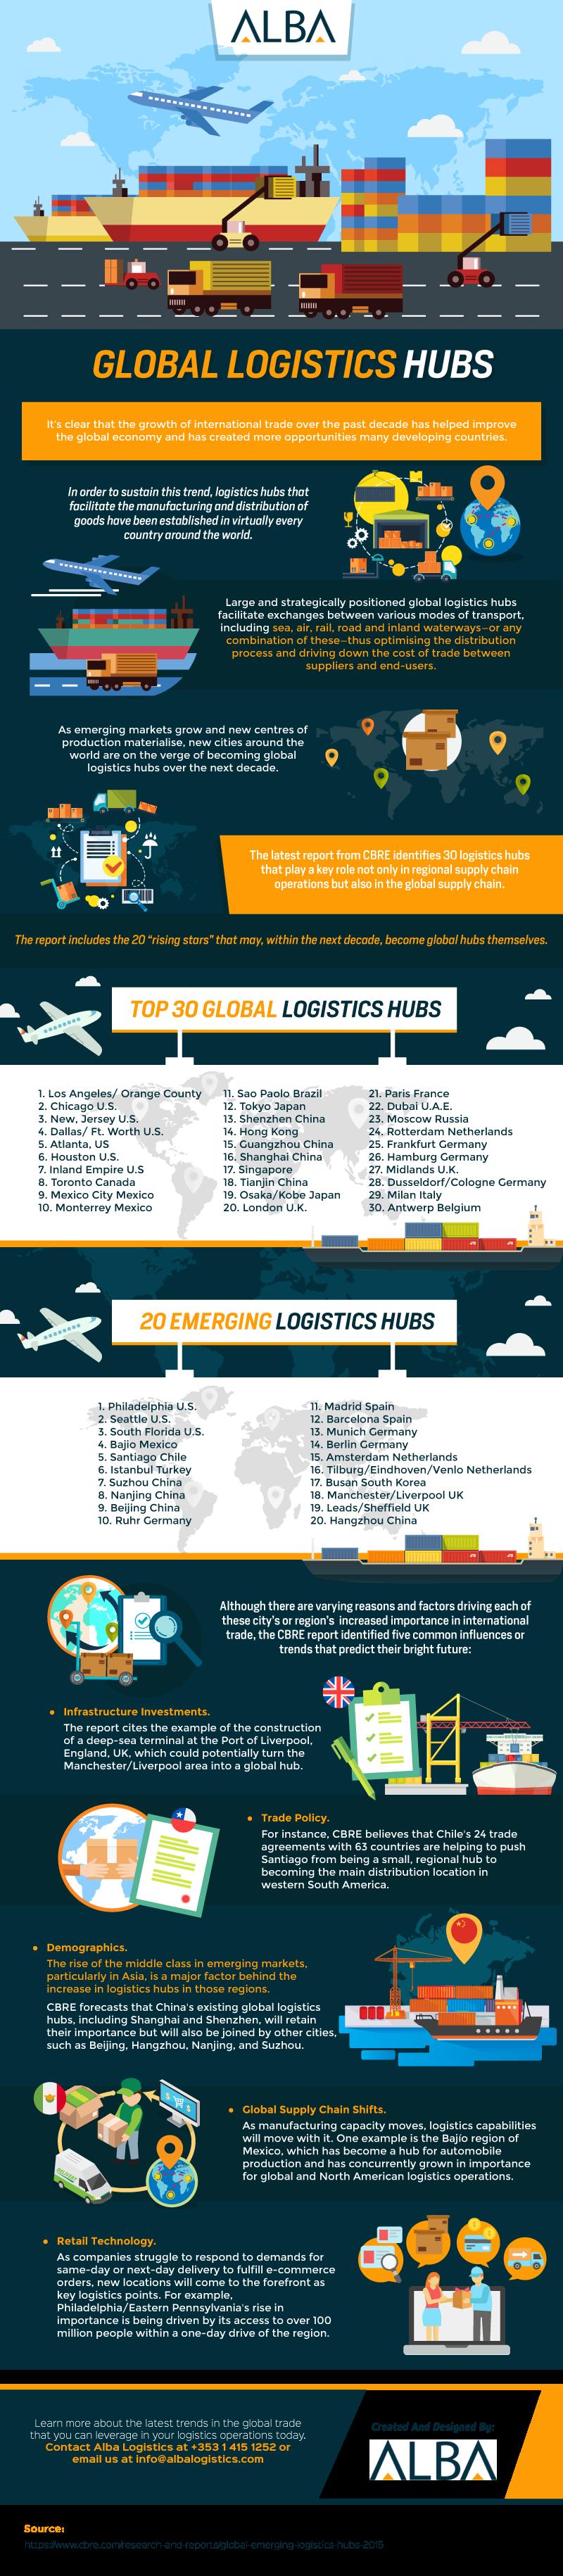 Global Logistics Hubs